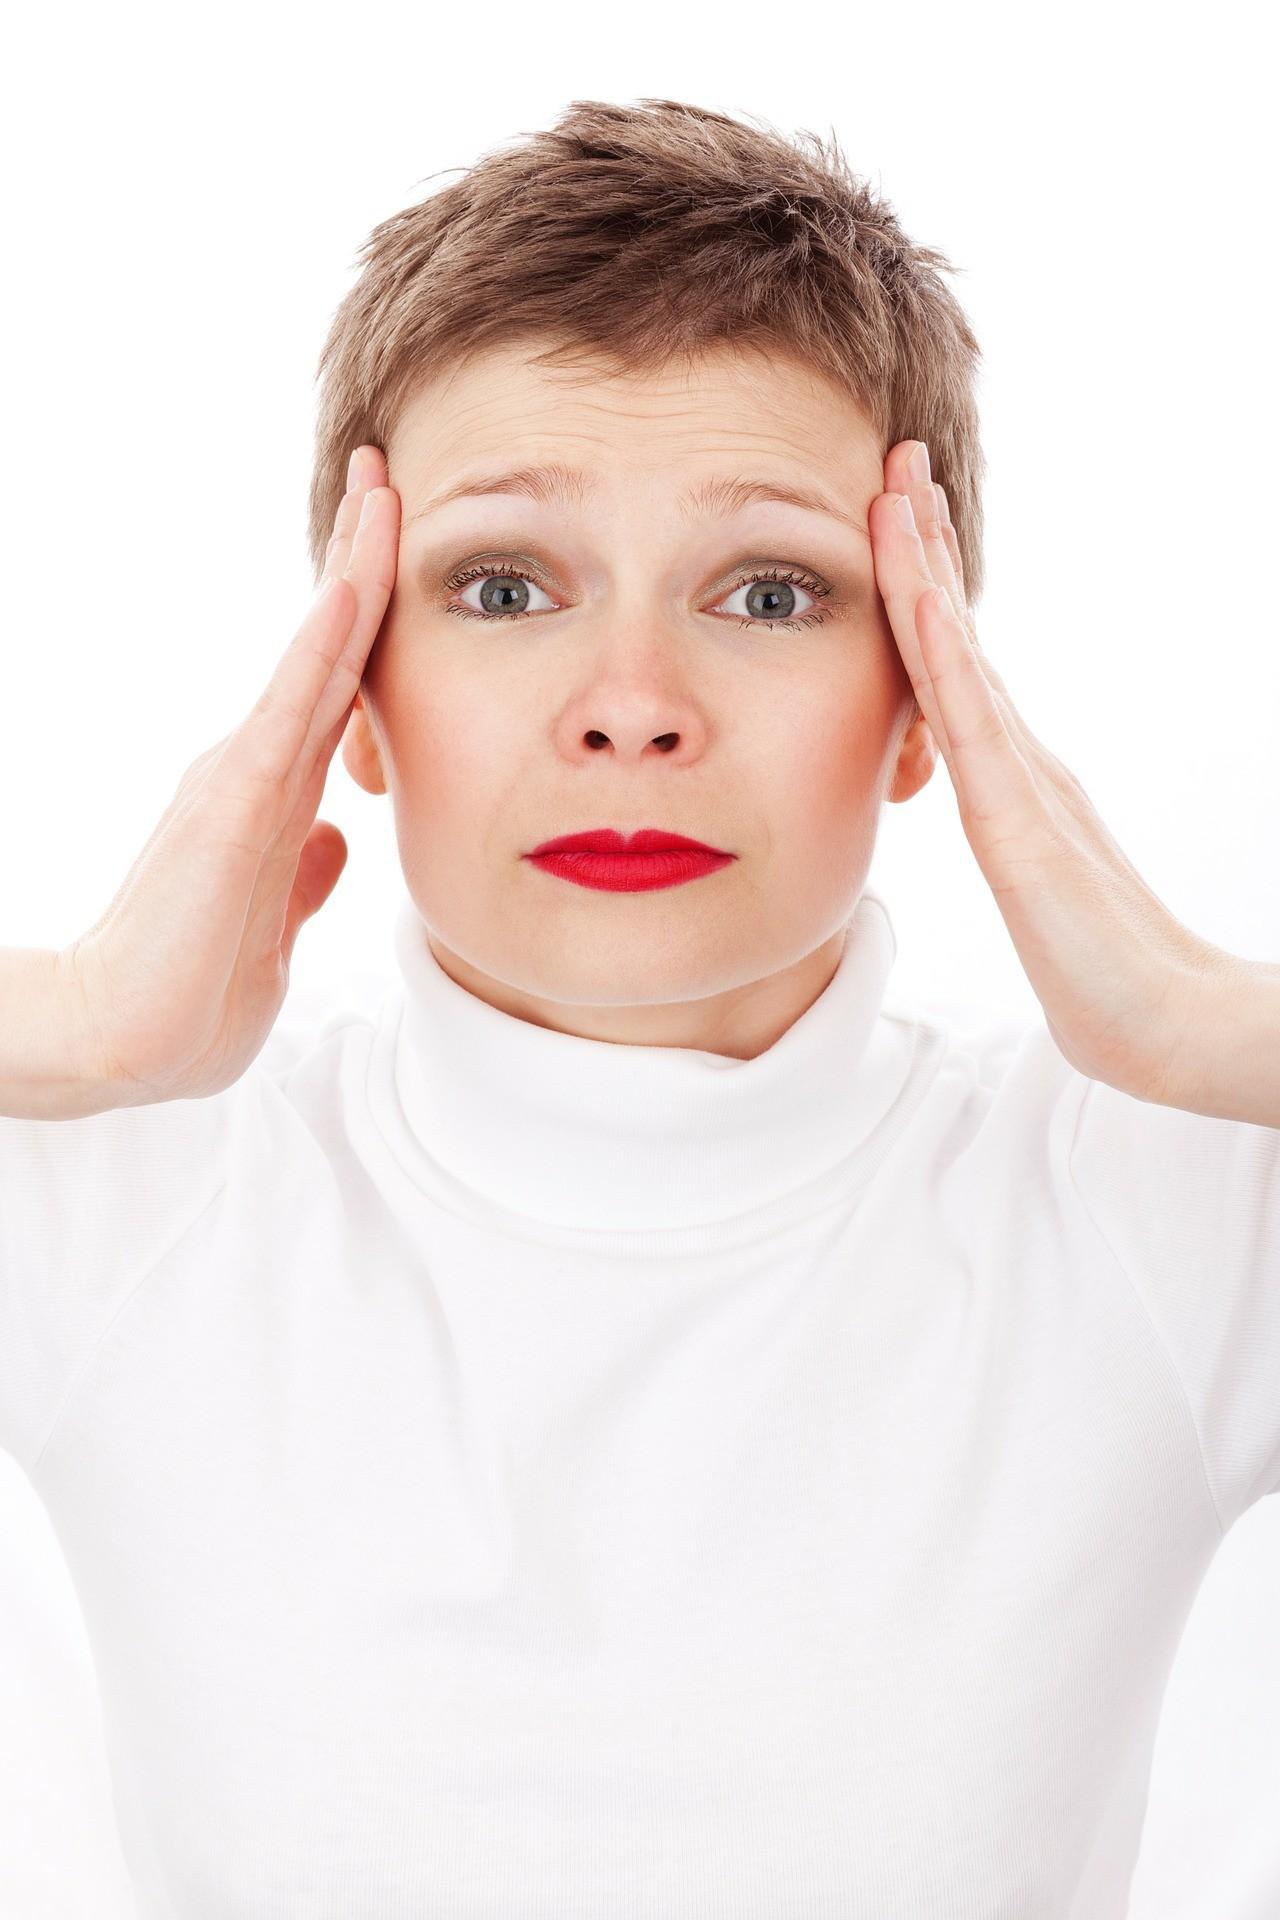 Tension-headache-stress